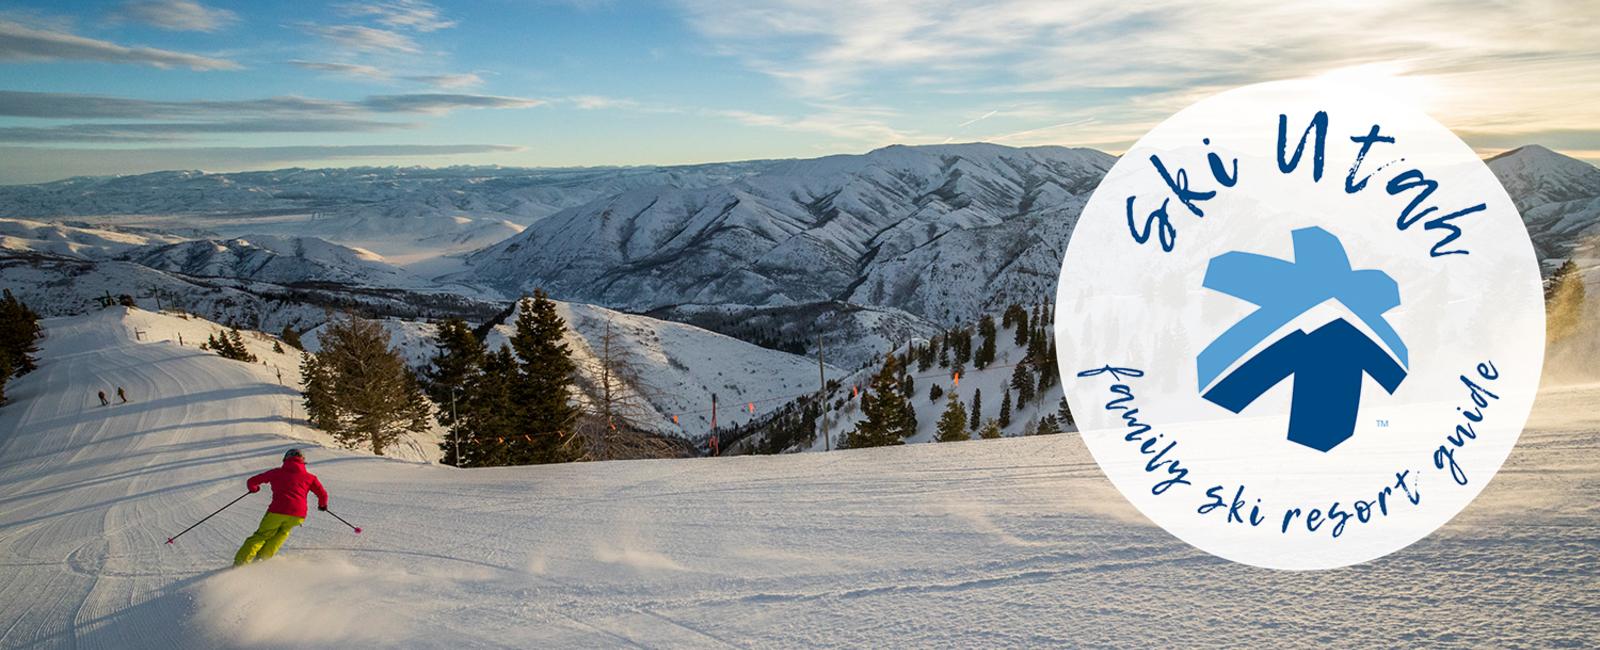 Family Ski Resort Guide | Sundance Mountain Resort